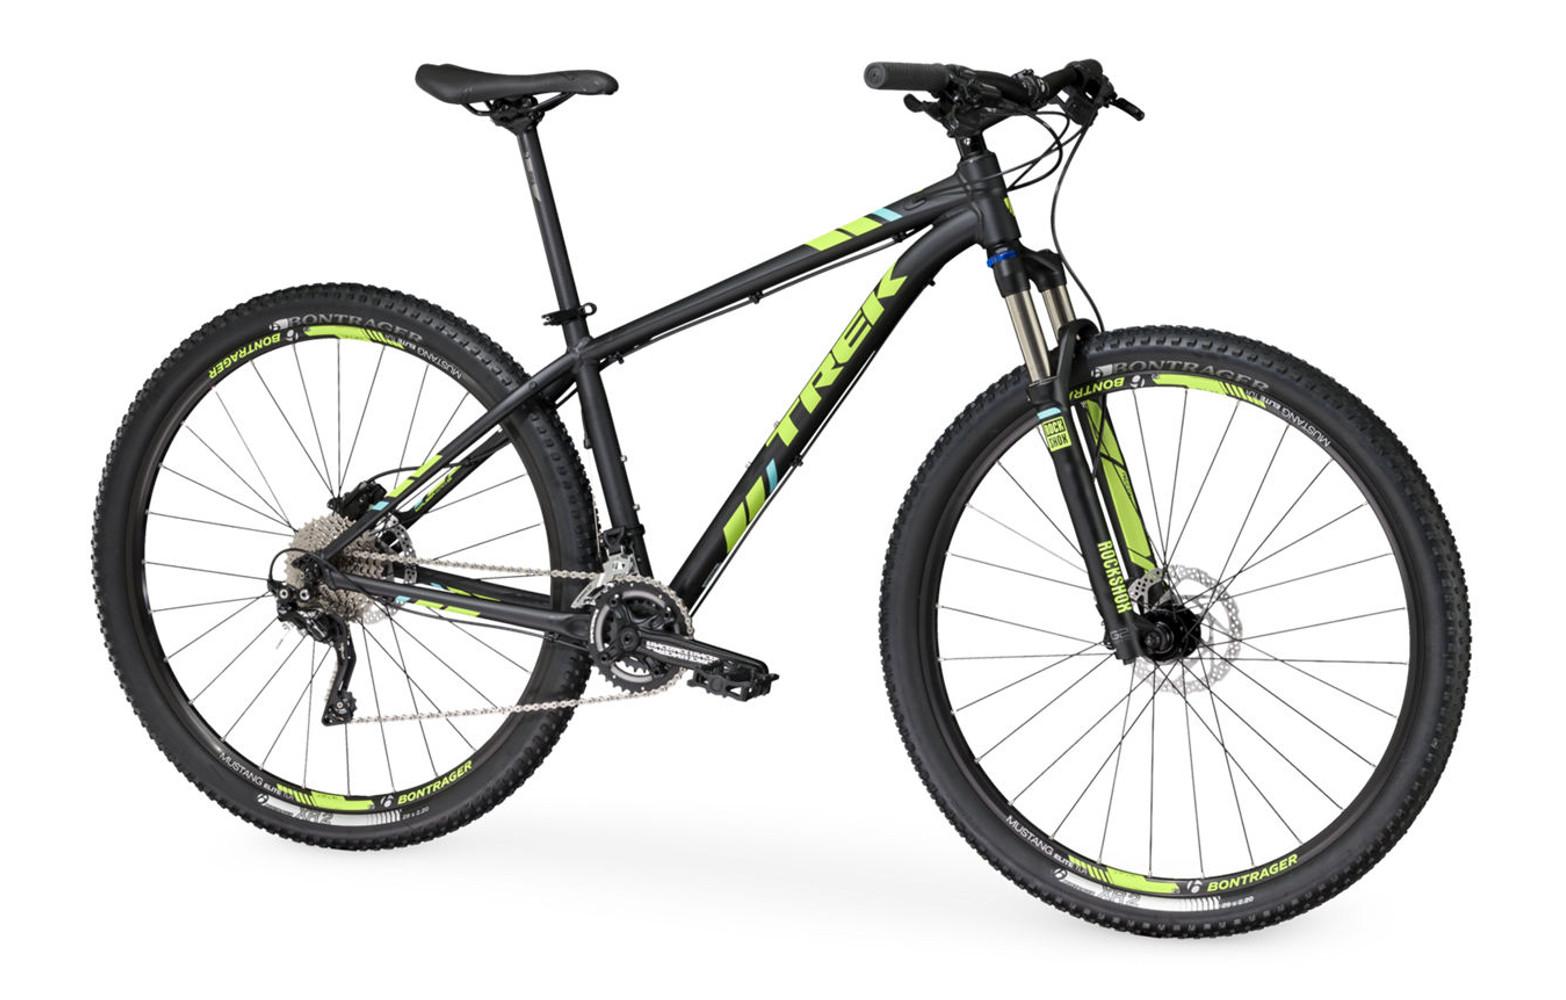 trek 2016 hardtail bike 27 5 x caliber 9 black. Black Bedroom Furniture Sets. Home Design Ideas